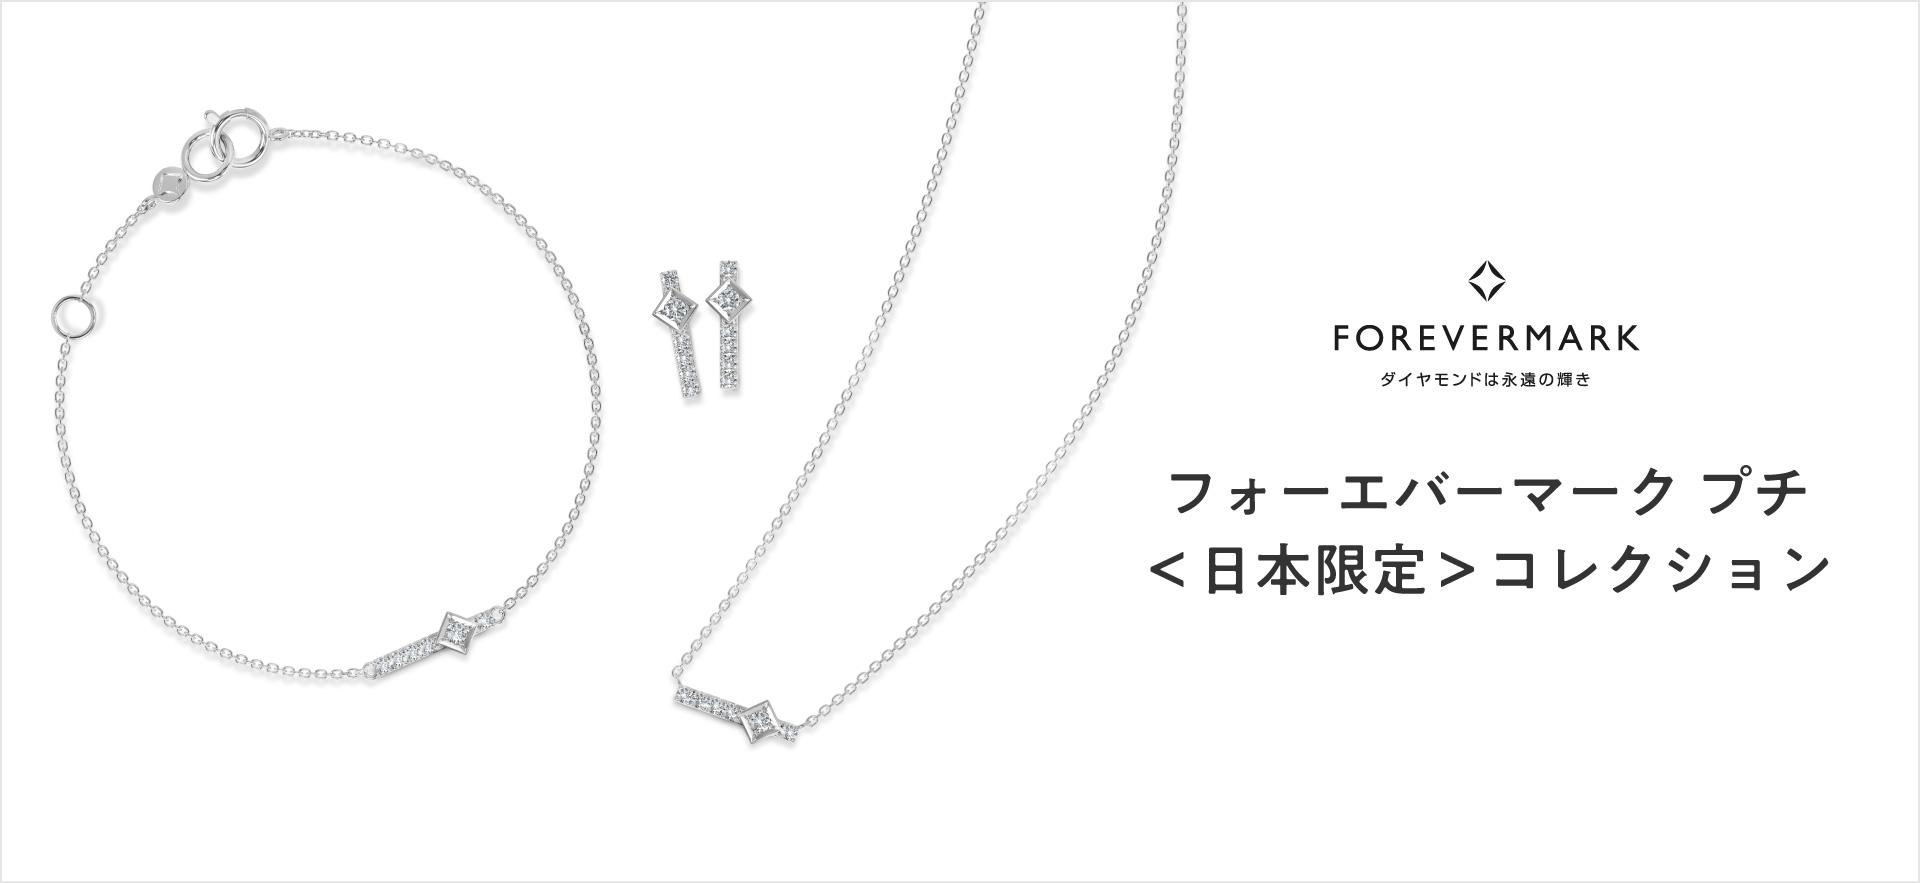 フォーエバーマーク プチ<日本限定>コレクション